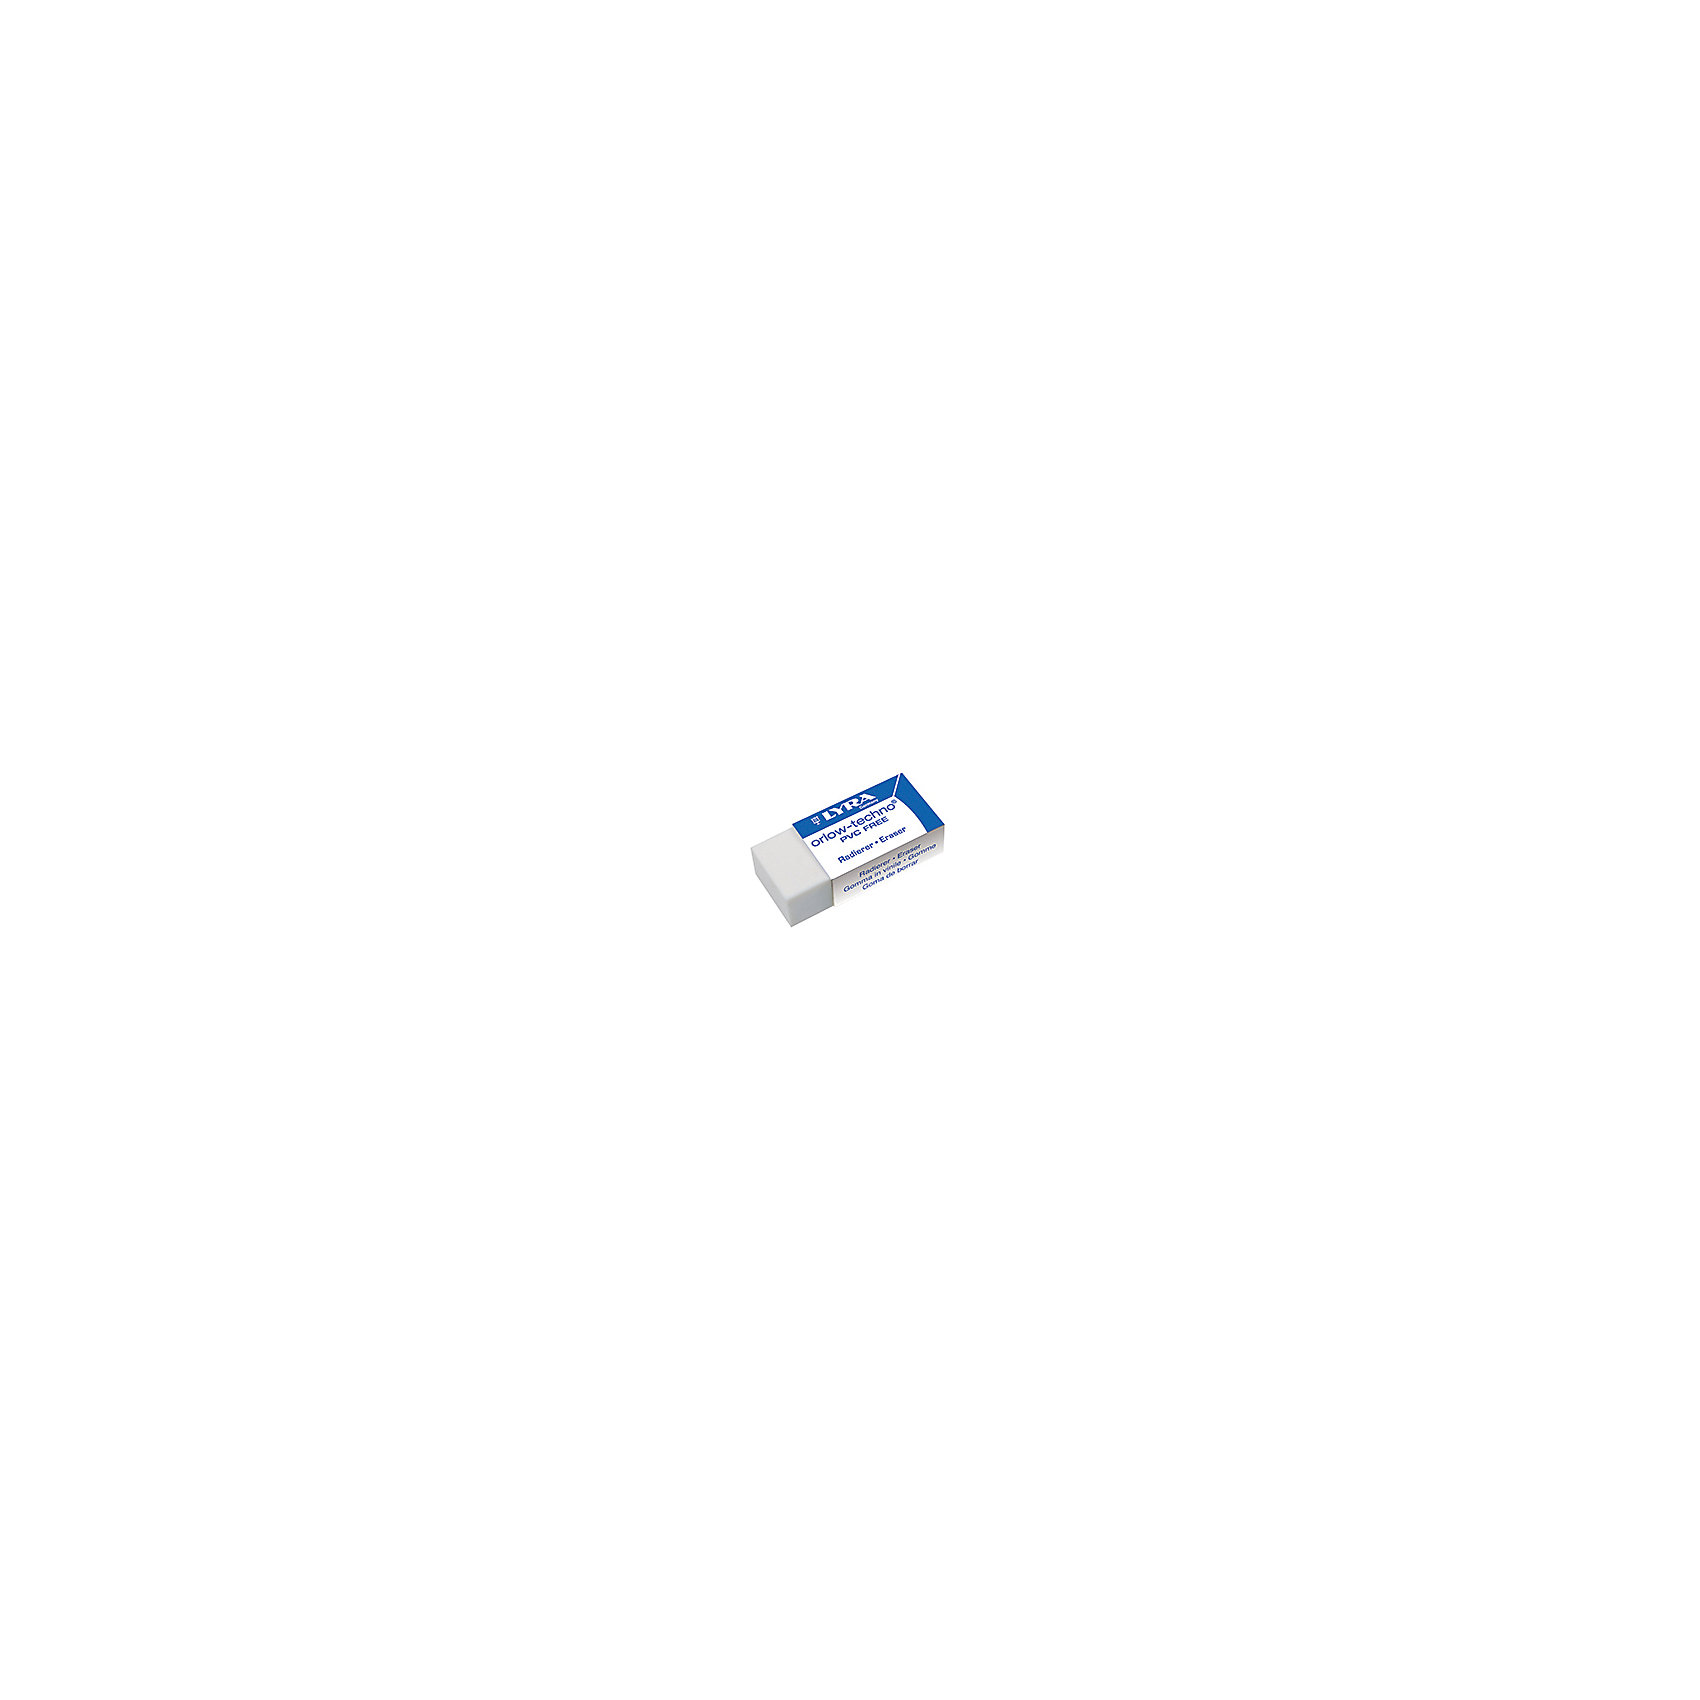 Пластиковый ластик для бумаги и фольги, не оставляет следов, (самоочищающийся)